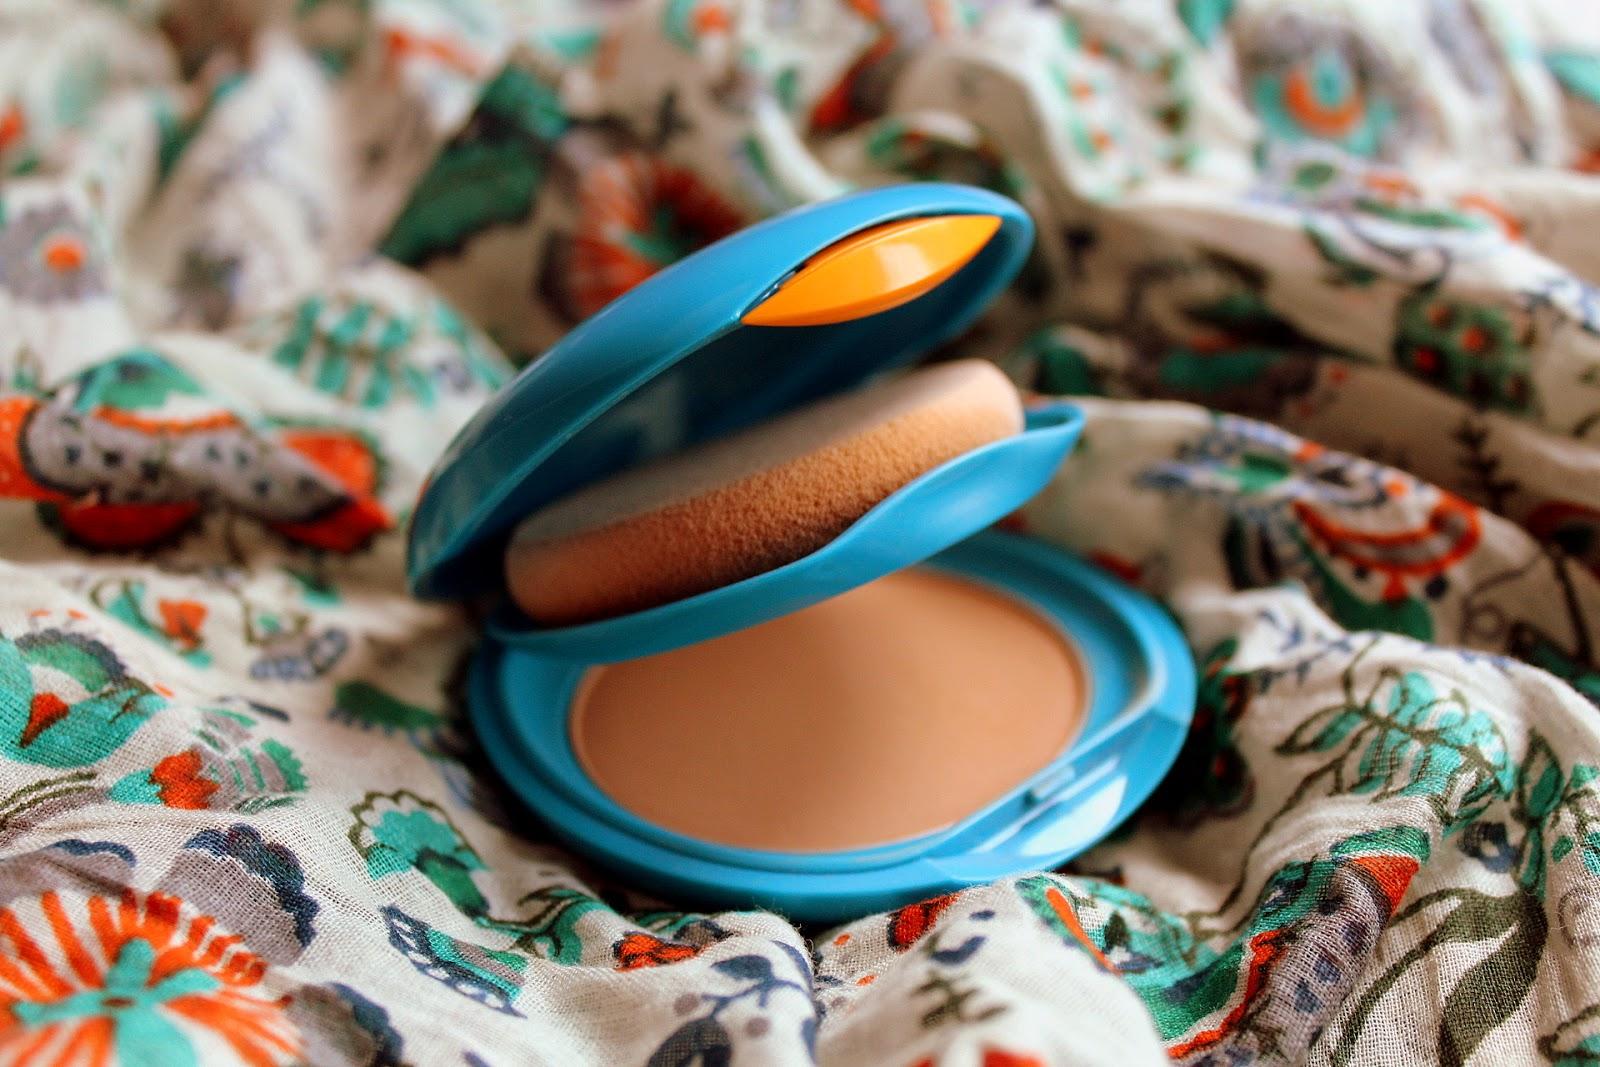 Parmi ces produits, le Fond de Teint Compact Solaire de Shiseido dont pas  mal de copines et notamment des blogueuses beauté bien informées me vantent  ... 730ec085e612